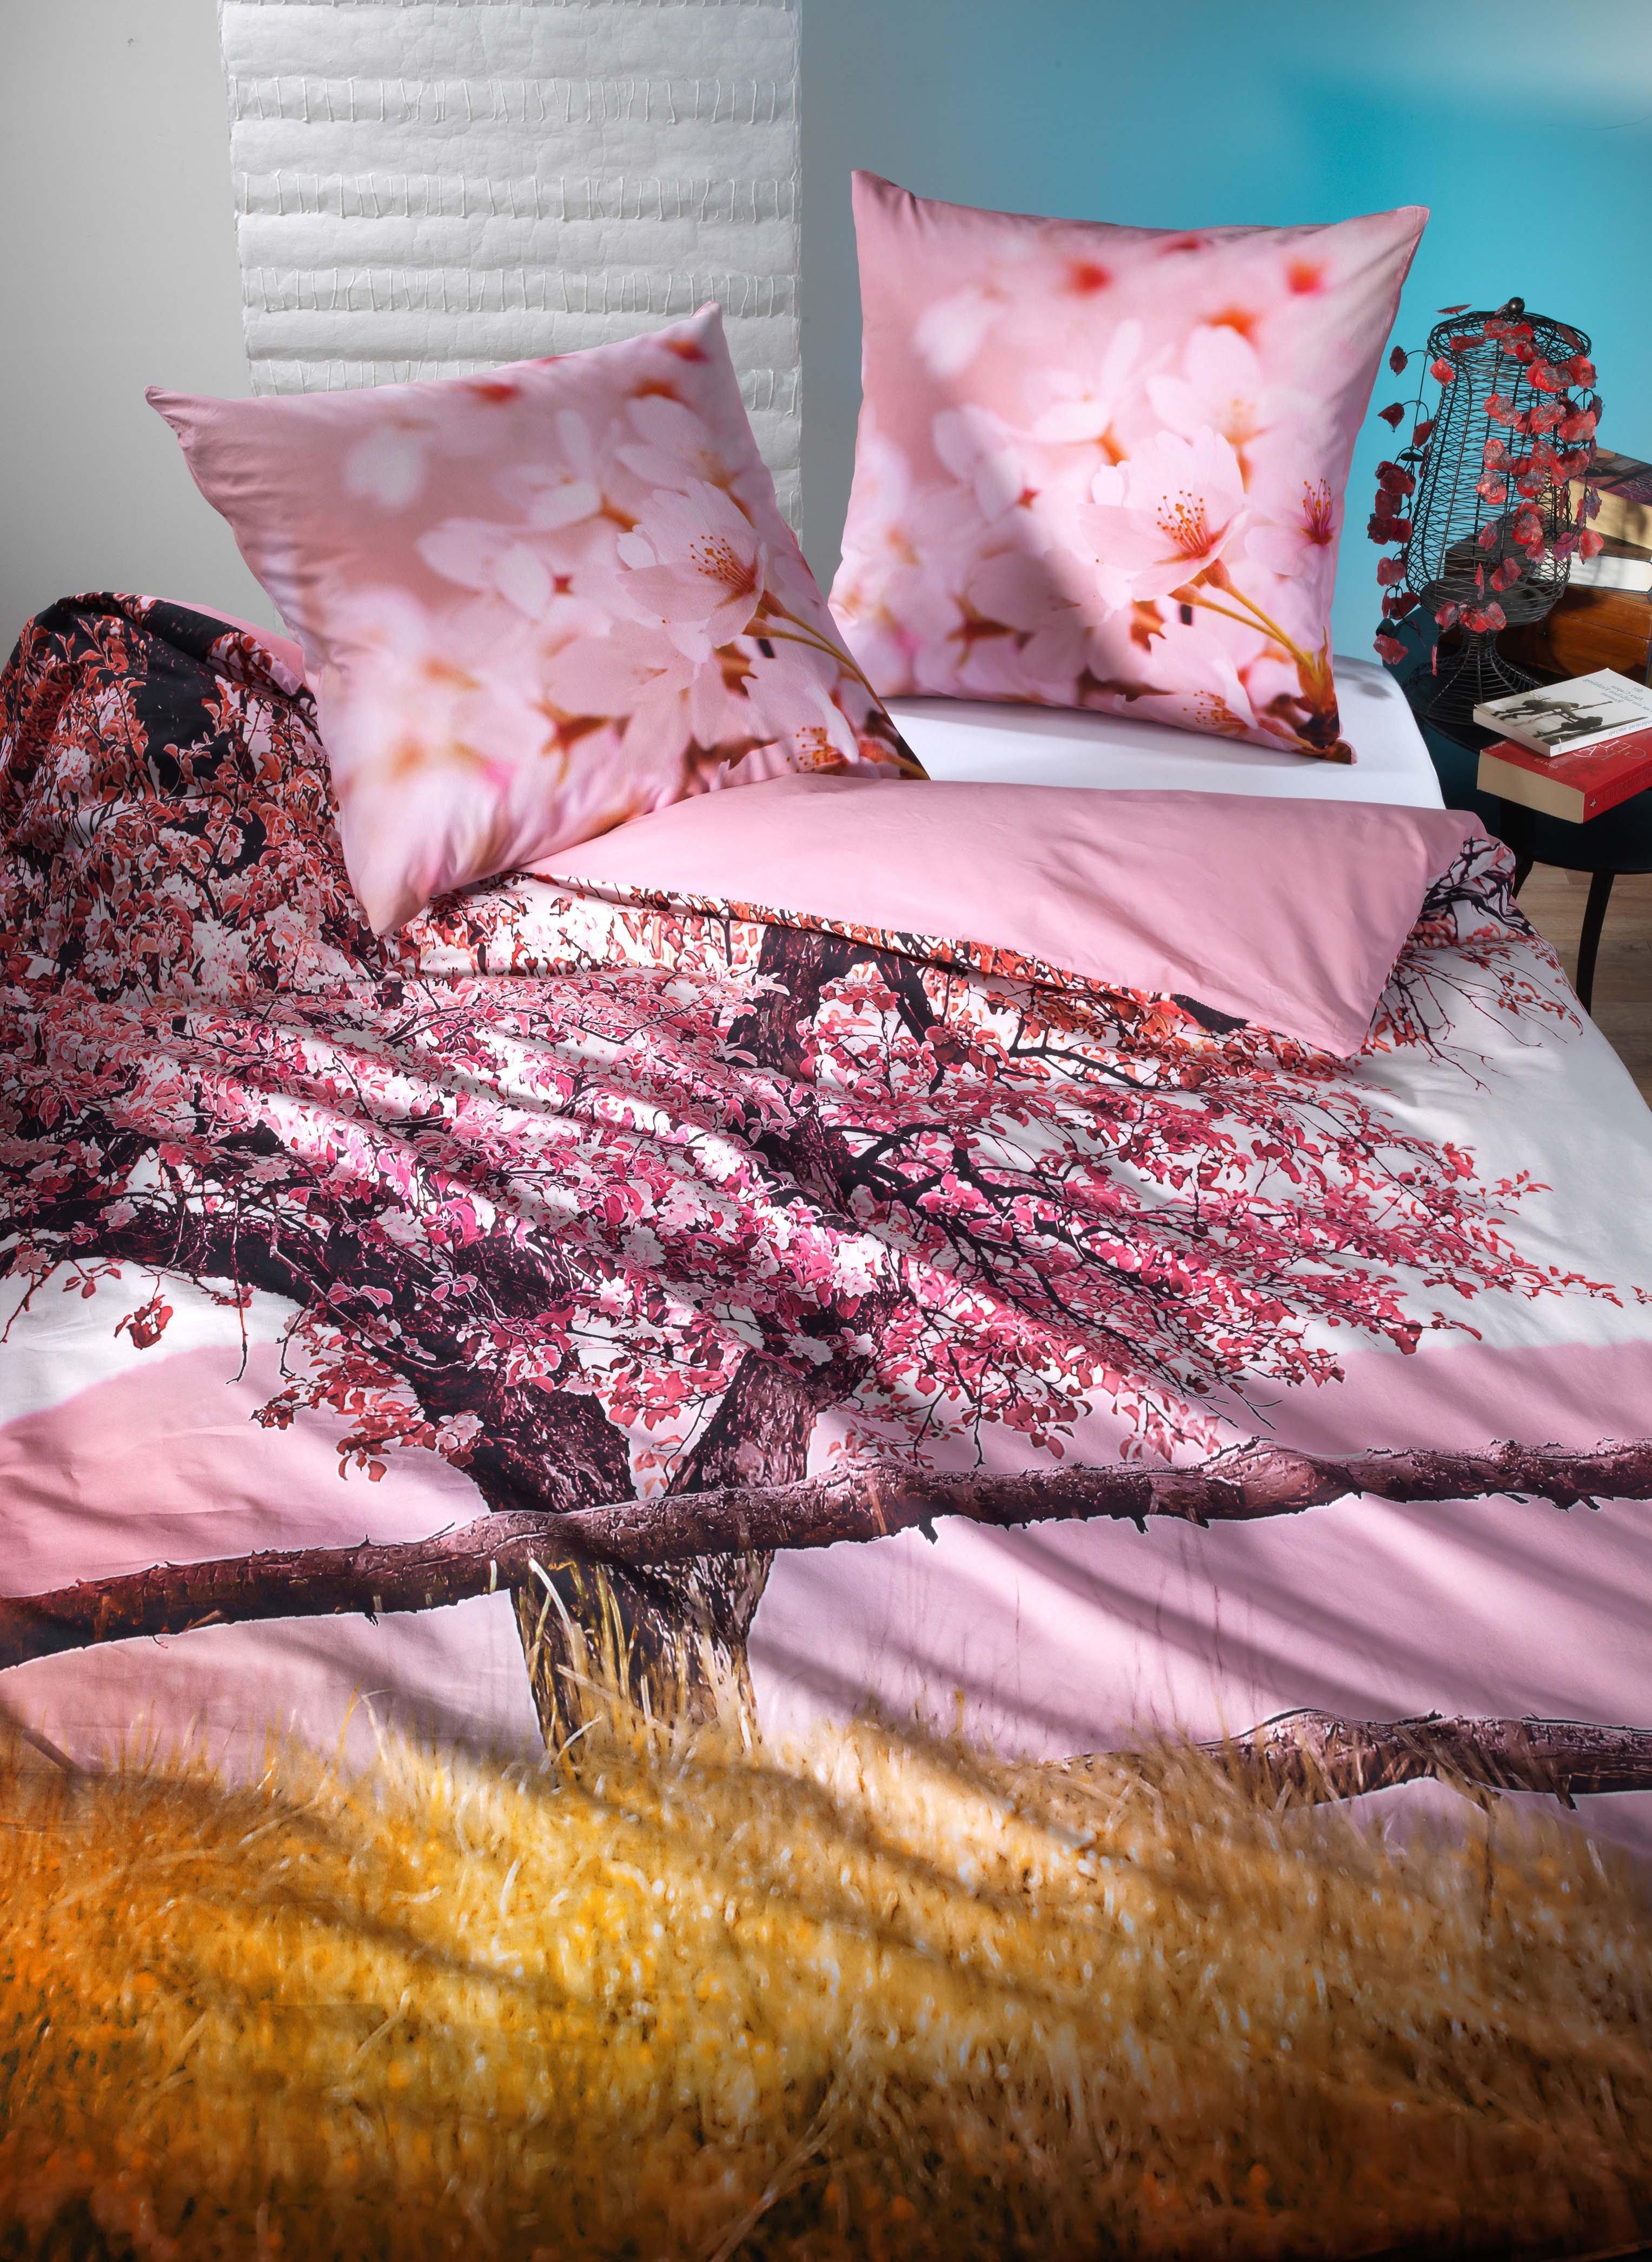 Biancheria da letto stampa digitale bl tenzauber - Outlet biancheria da letto ...